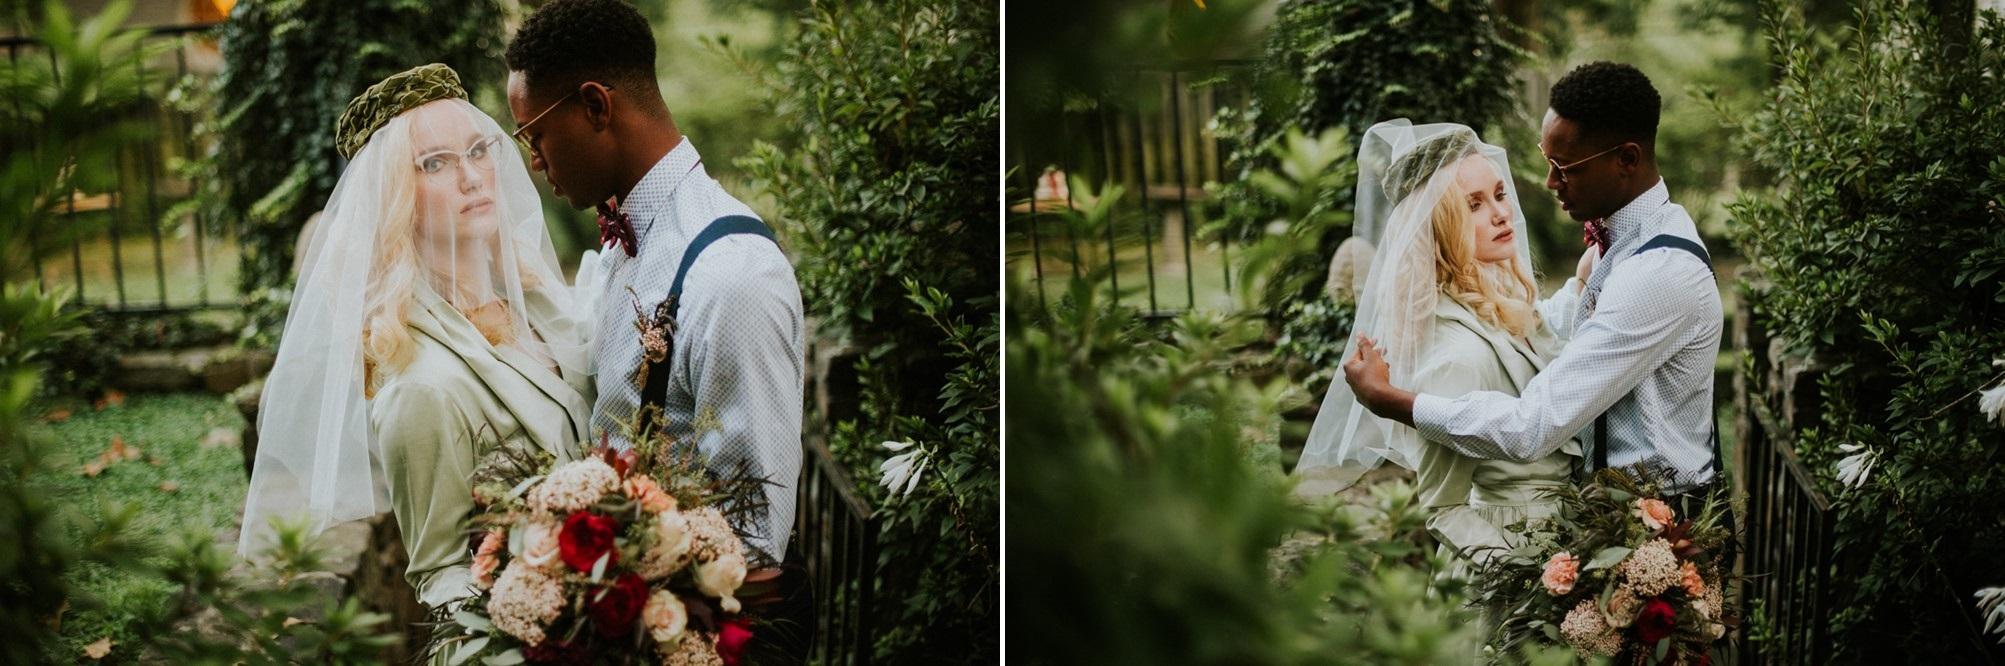 Retro Vintage Bride + Groom // Photography ~ Myranda Randle Photography